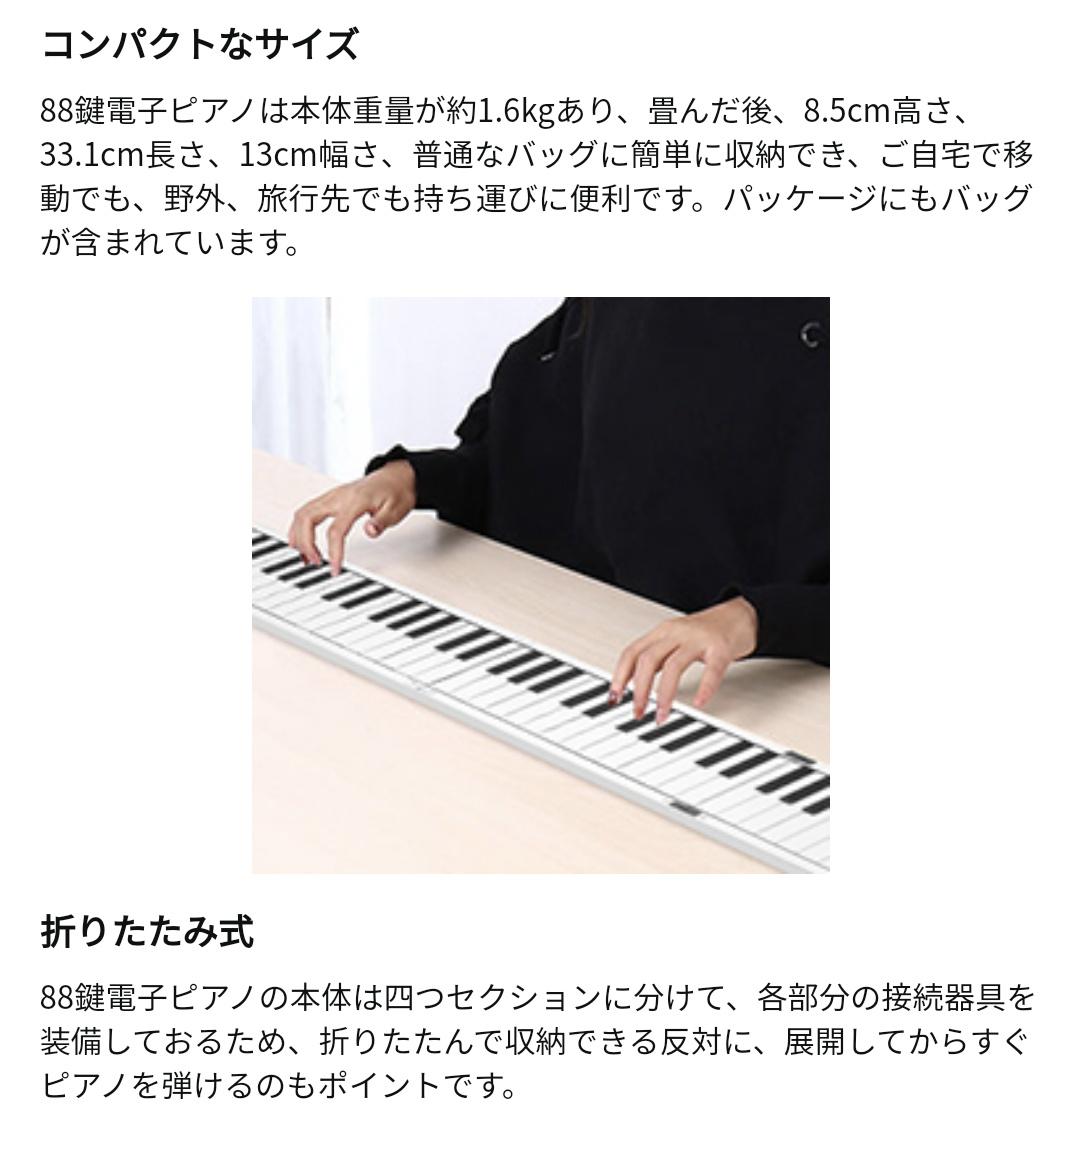 どんな縛りプレイ!ピアノの弾き方…逆じゃないですか??